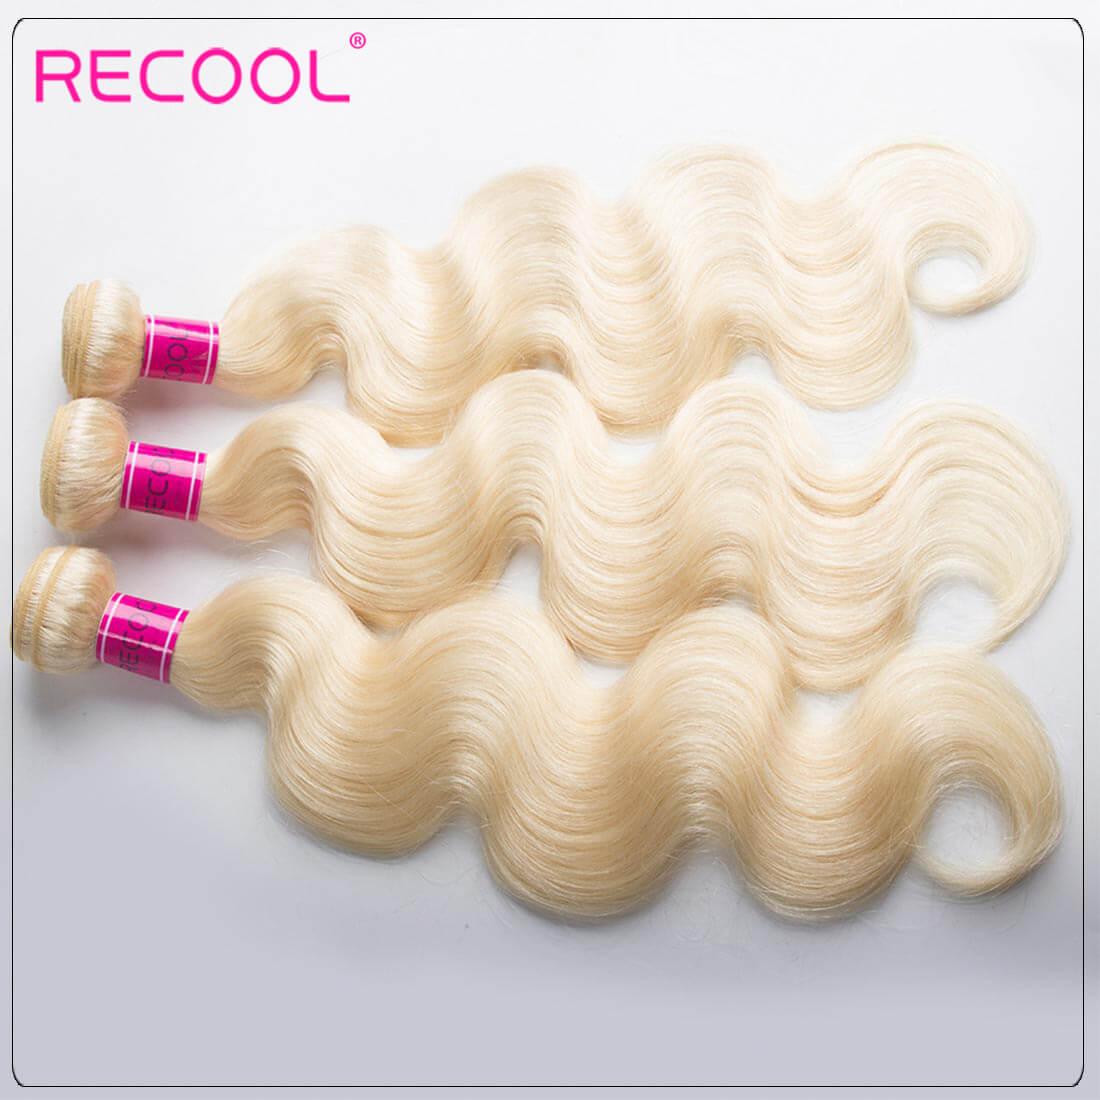 Blonde Hair Bundles 613 Virgin Hair Body Wave, 100% Virgin Blonde Human Hair Weave Body Wave Bundles 2